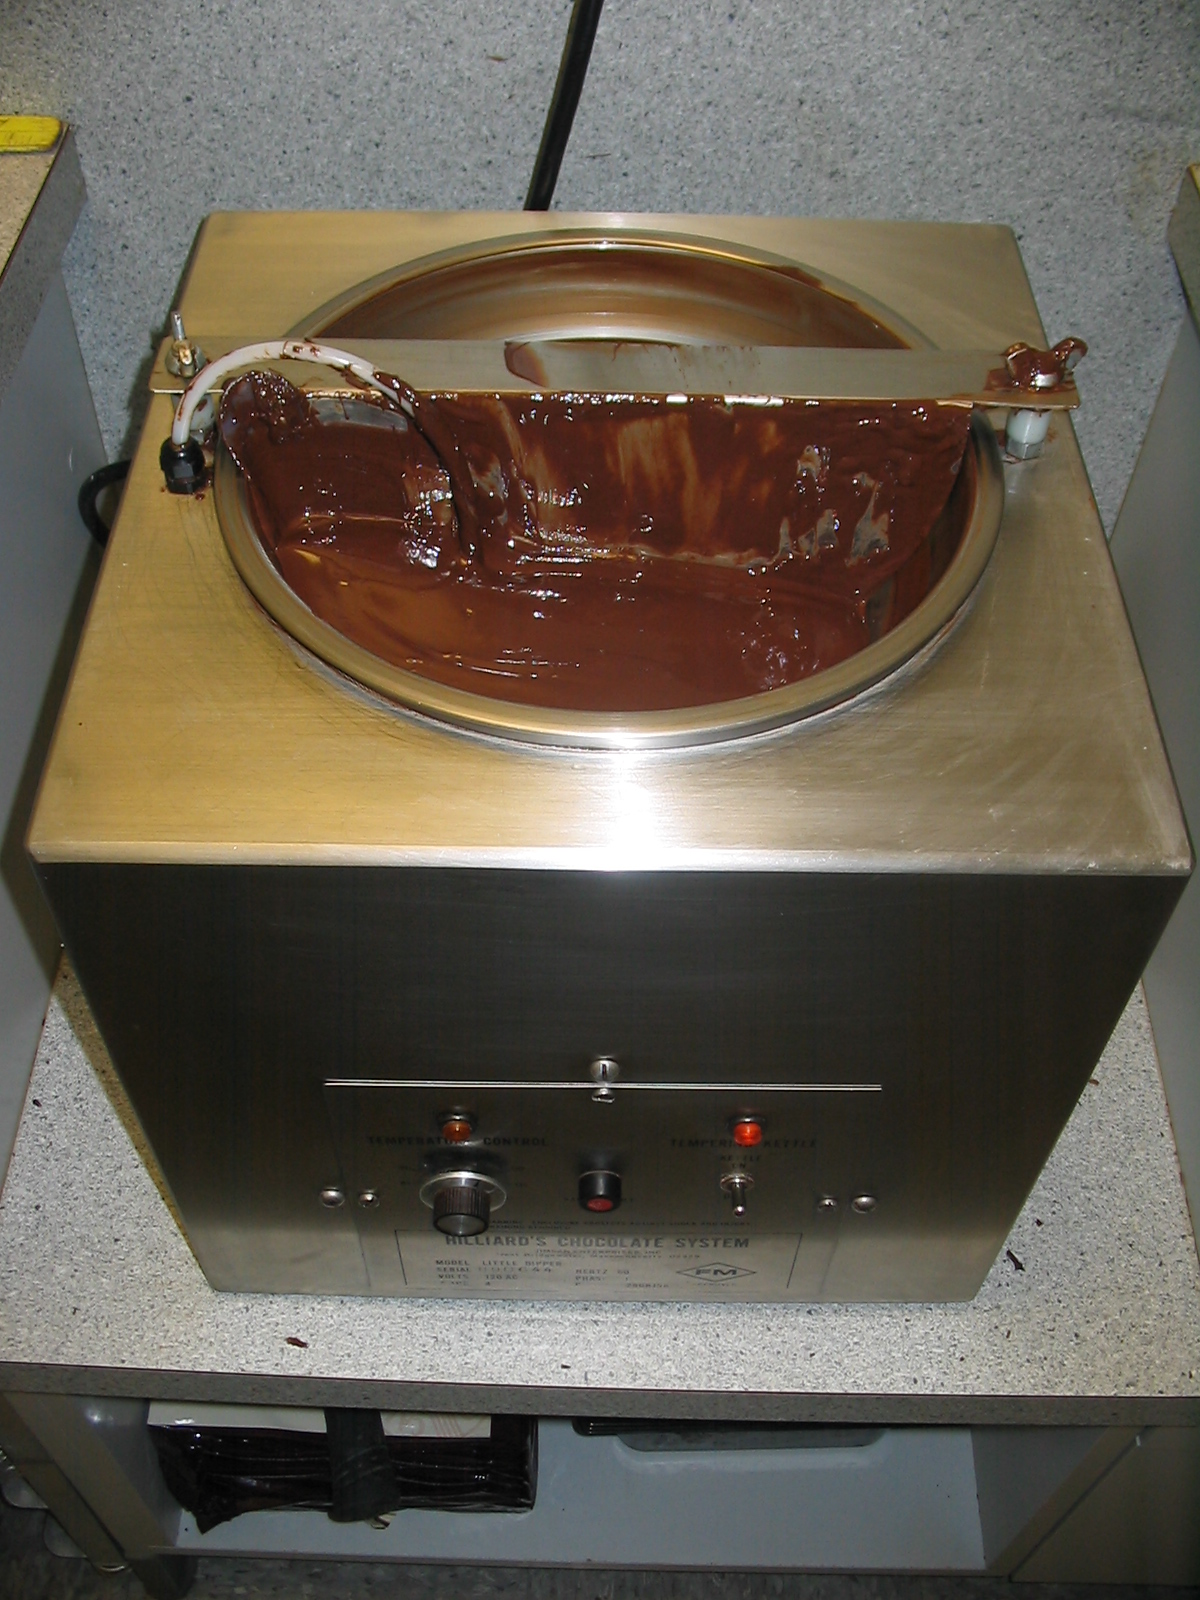 File:Chocolate Tempering Machine.jpg - Wikimedia Commons